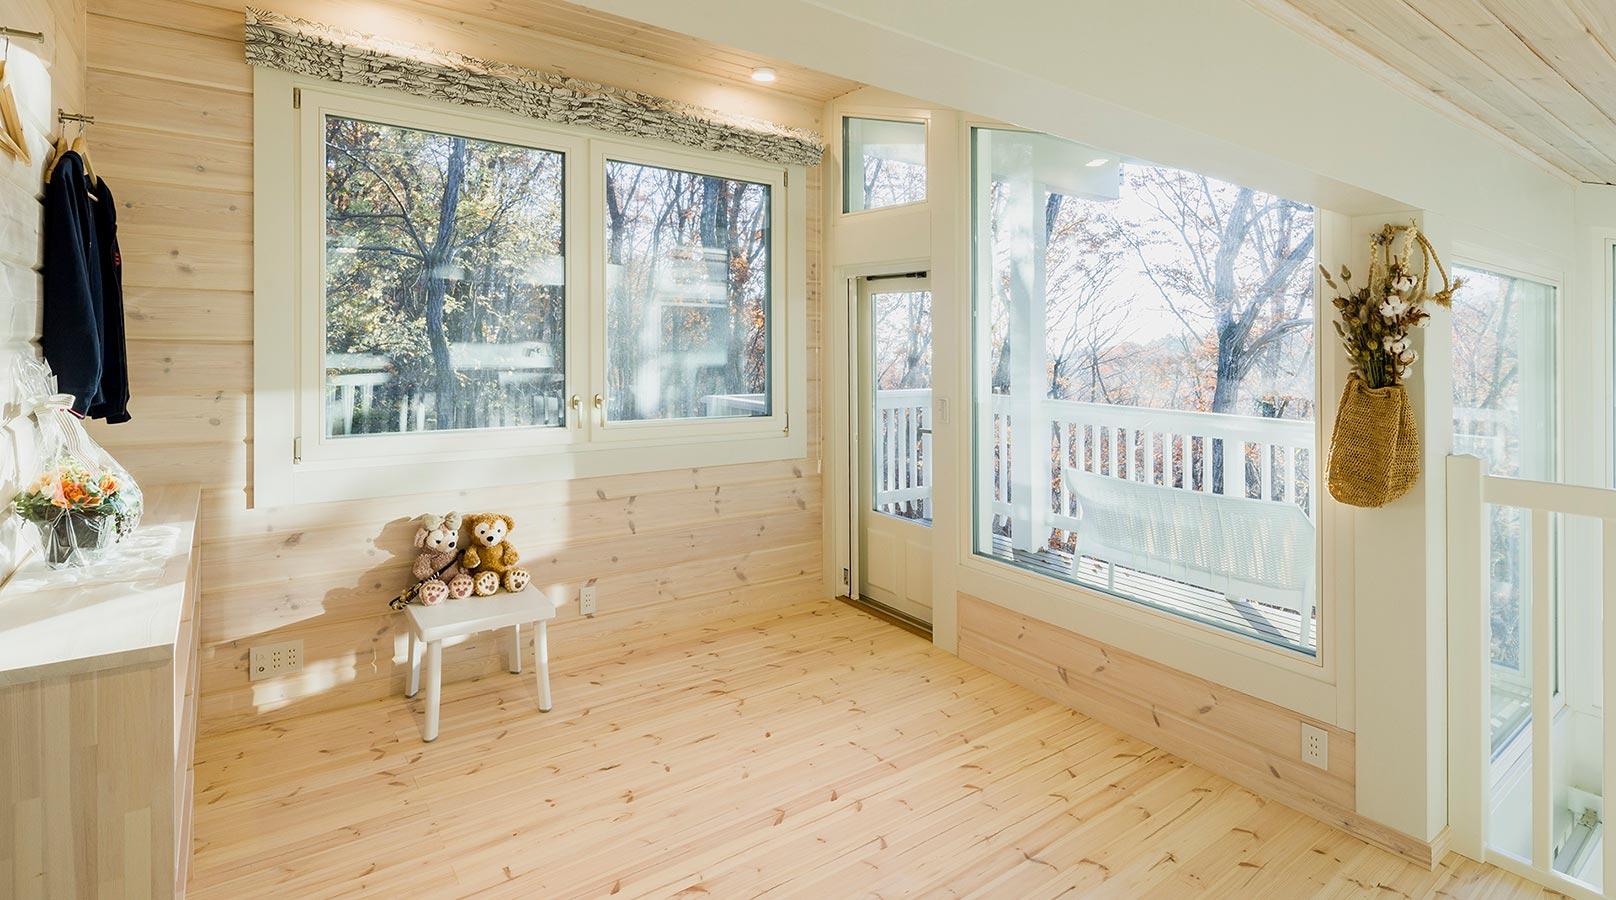 ロフトのフリースペース。大きな窓により、日中は自然光だけで明るく快適です。